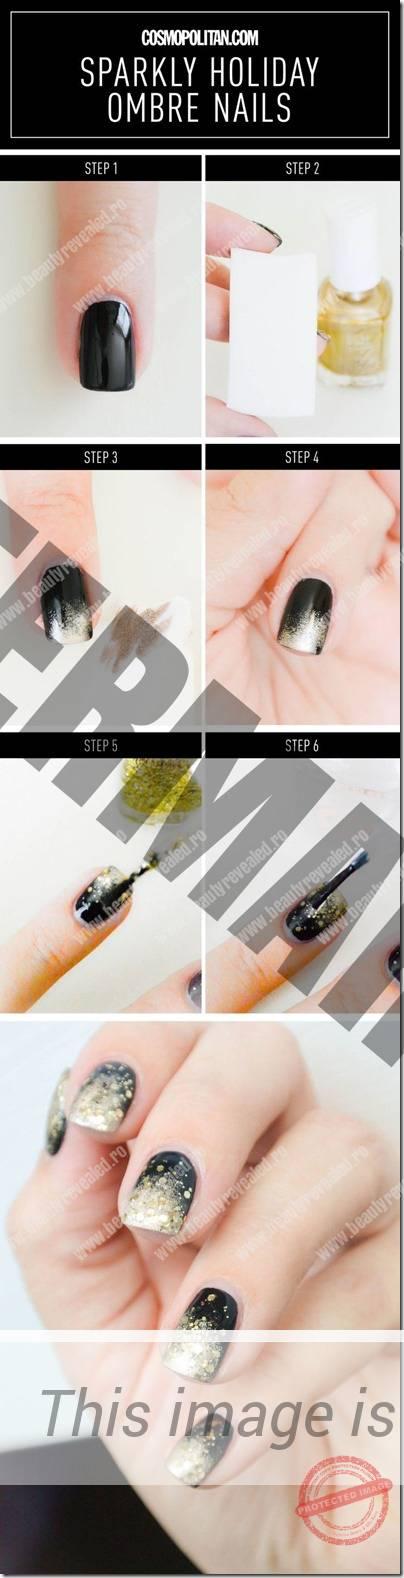 tutoriale-unghii-negre-8